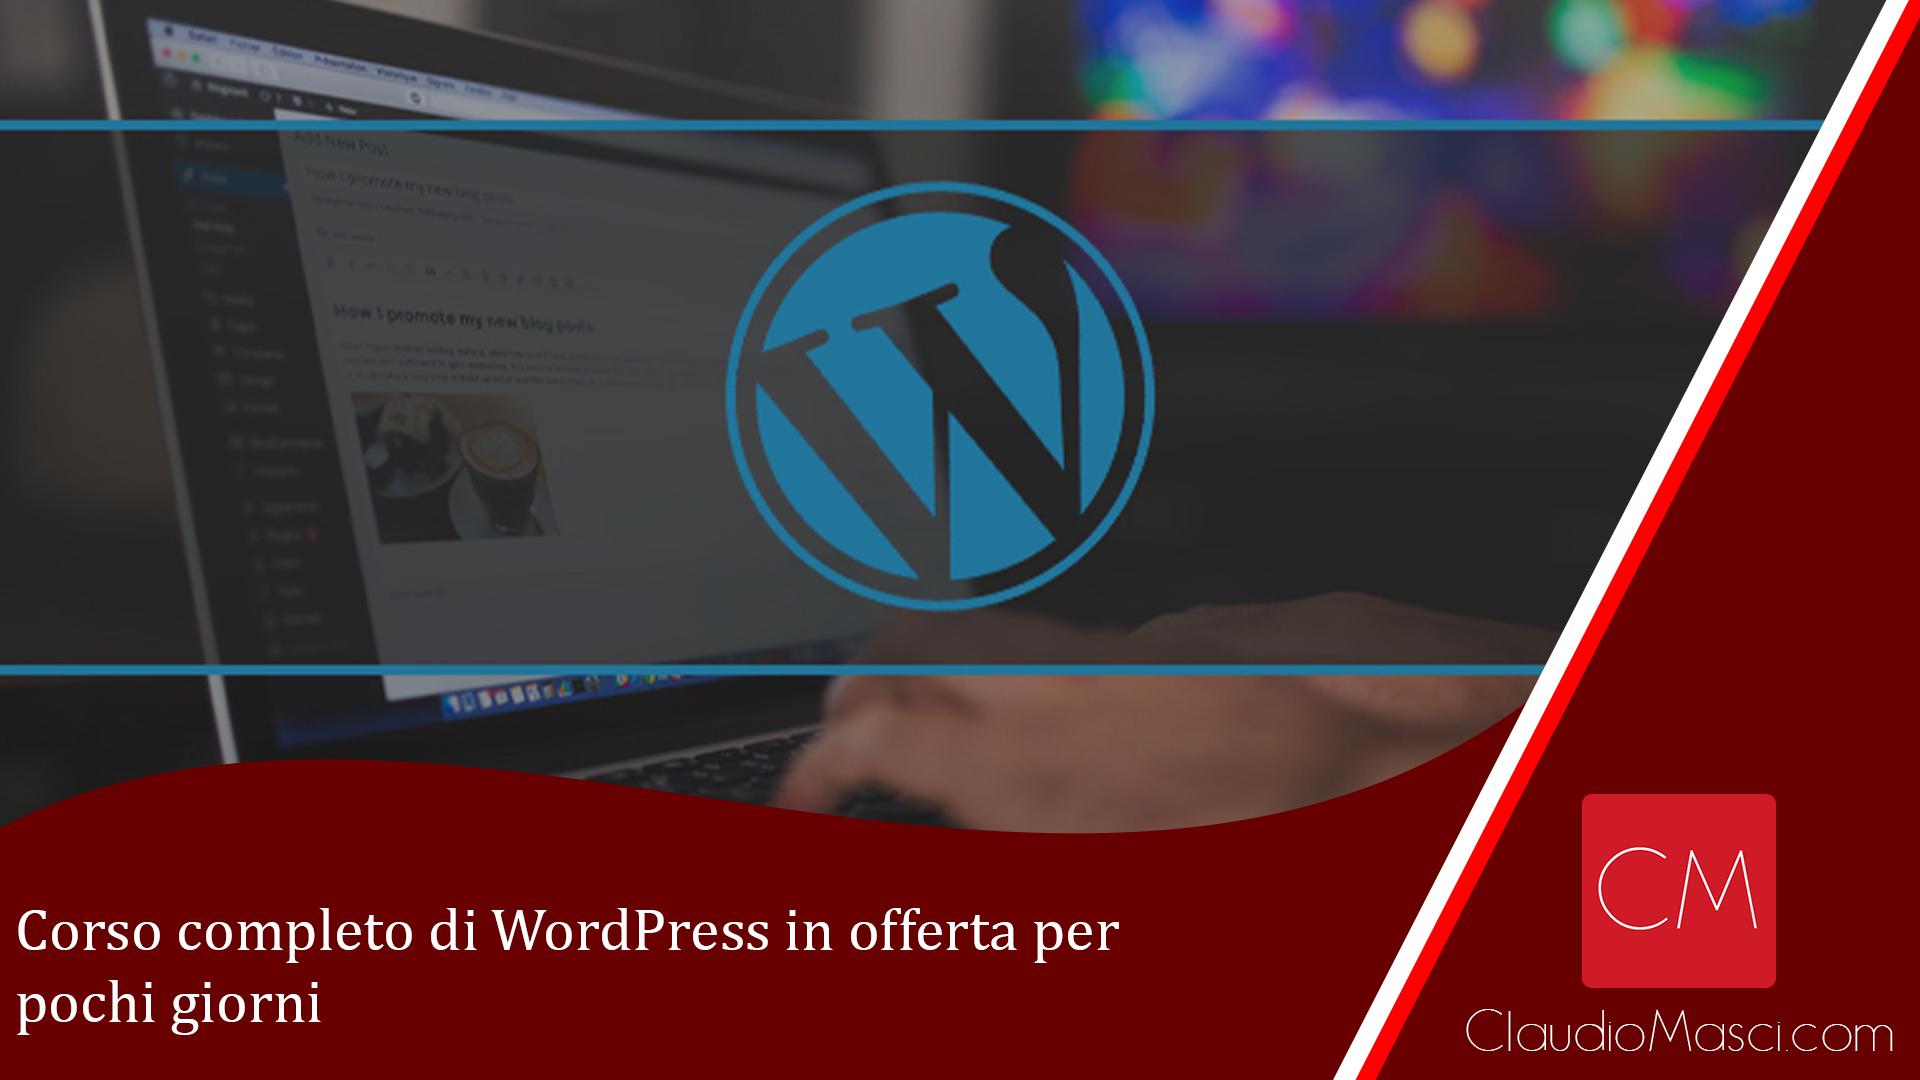 Corso completo di WordPress in offerta per pochi giorni